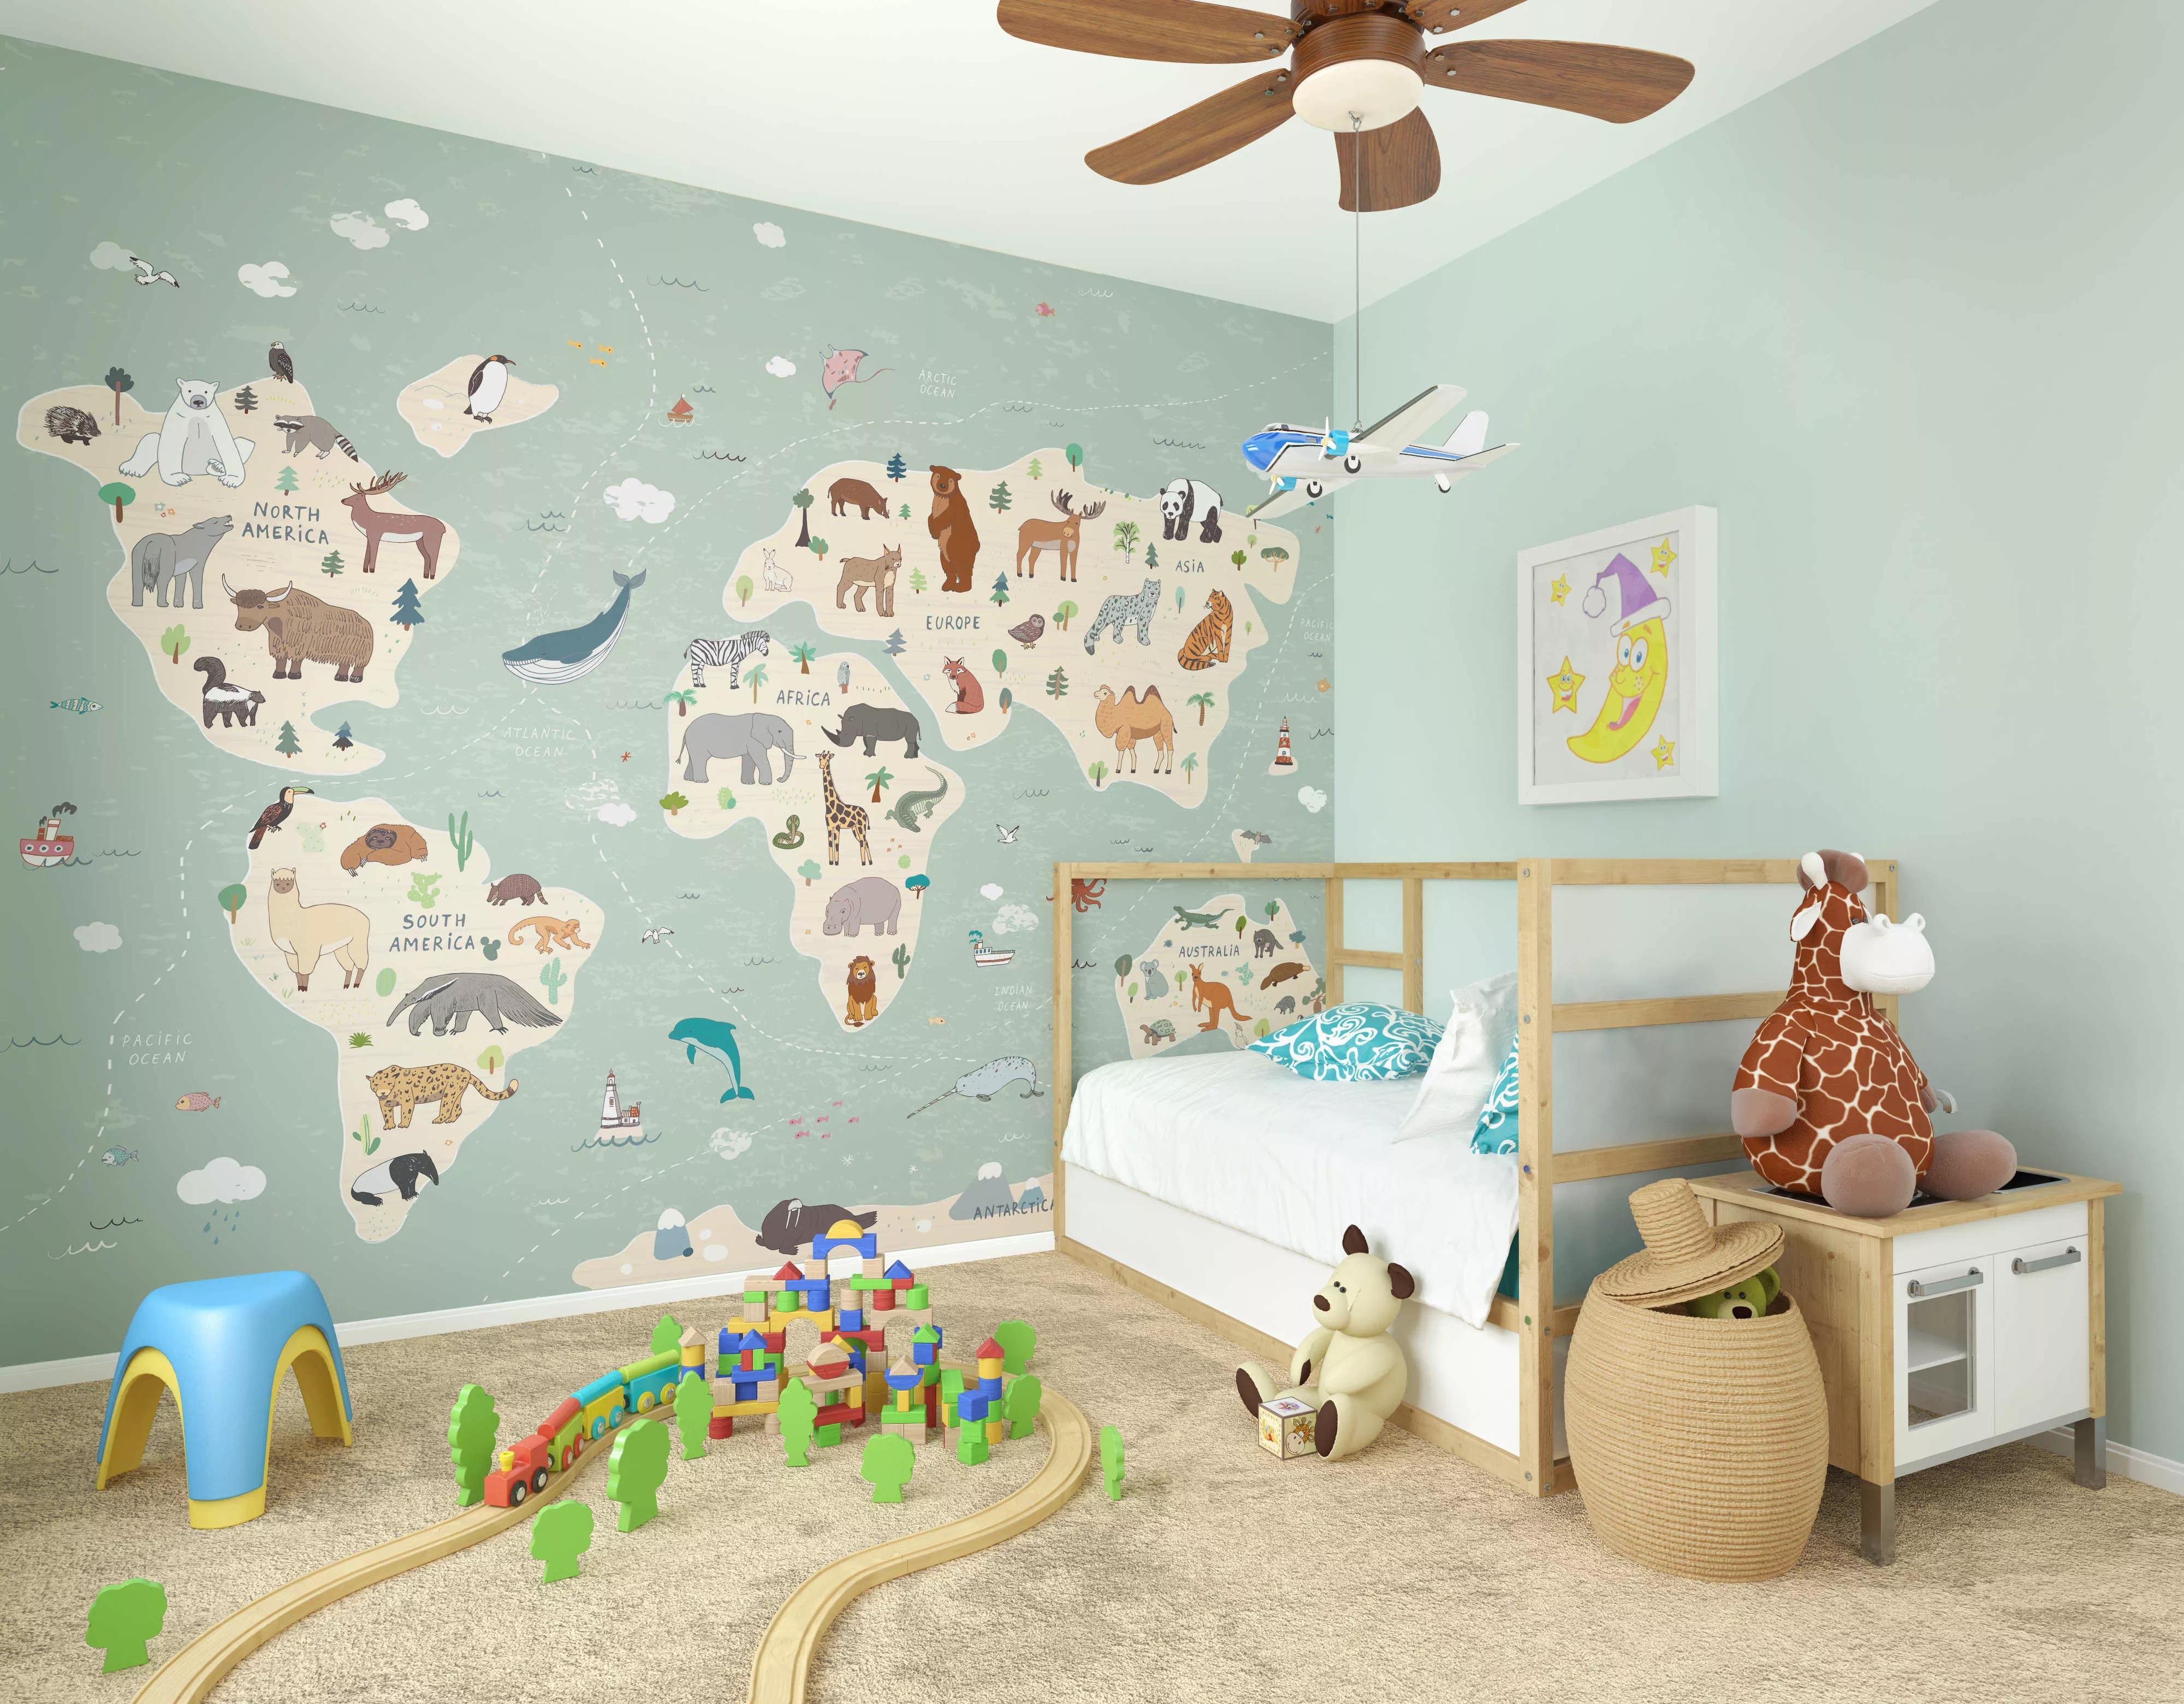 Gyerekszobai fali poszter állatok a világtérképen mintával